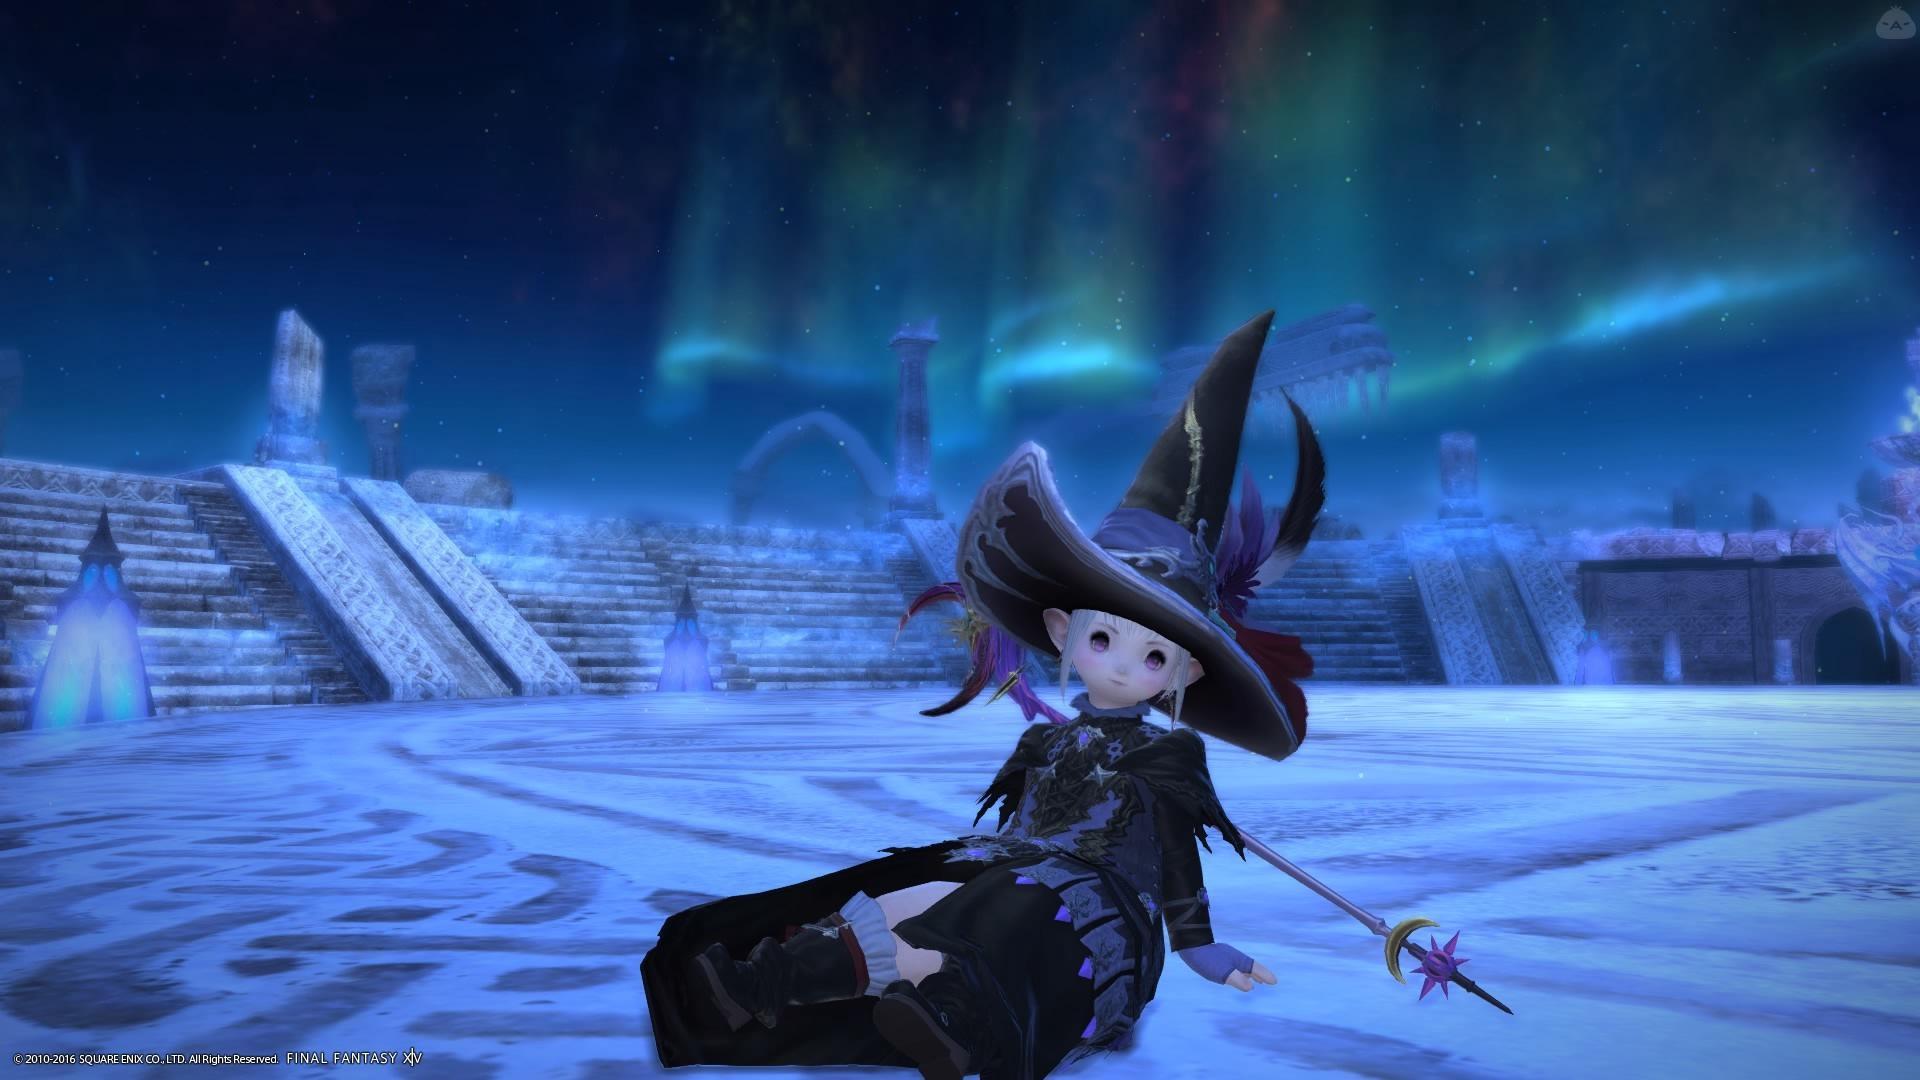 とんがり帽子の魔法使い